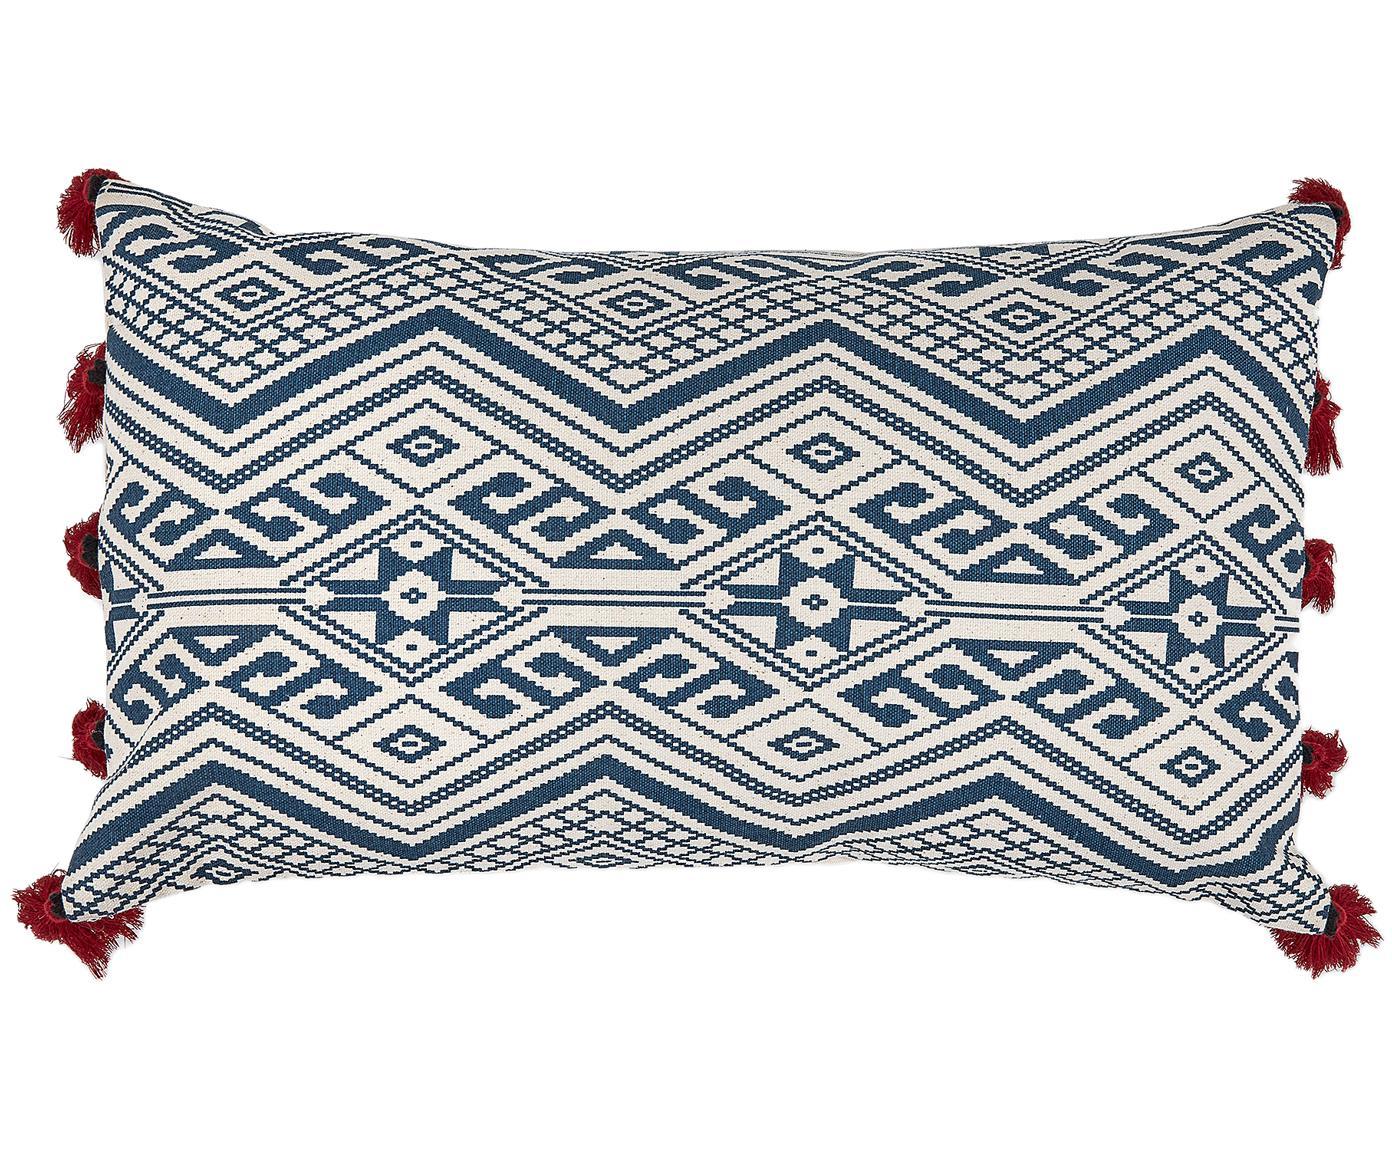 Kussenhoes Cerys, Katoen, Blauw, rood, crèmekleurig, 30 x 50 cm